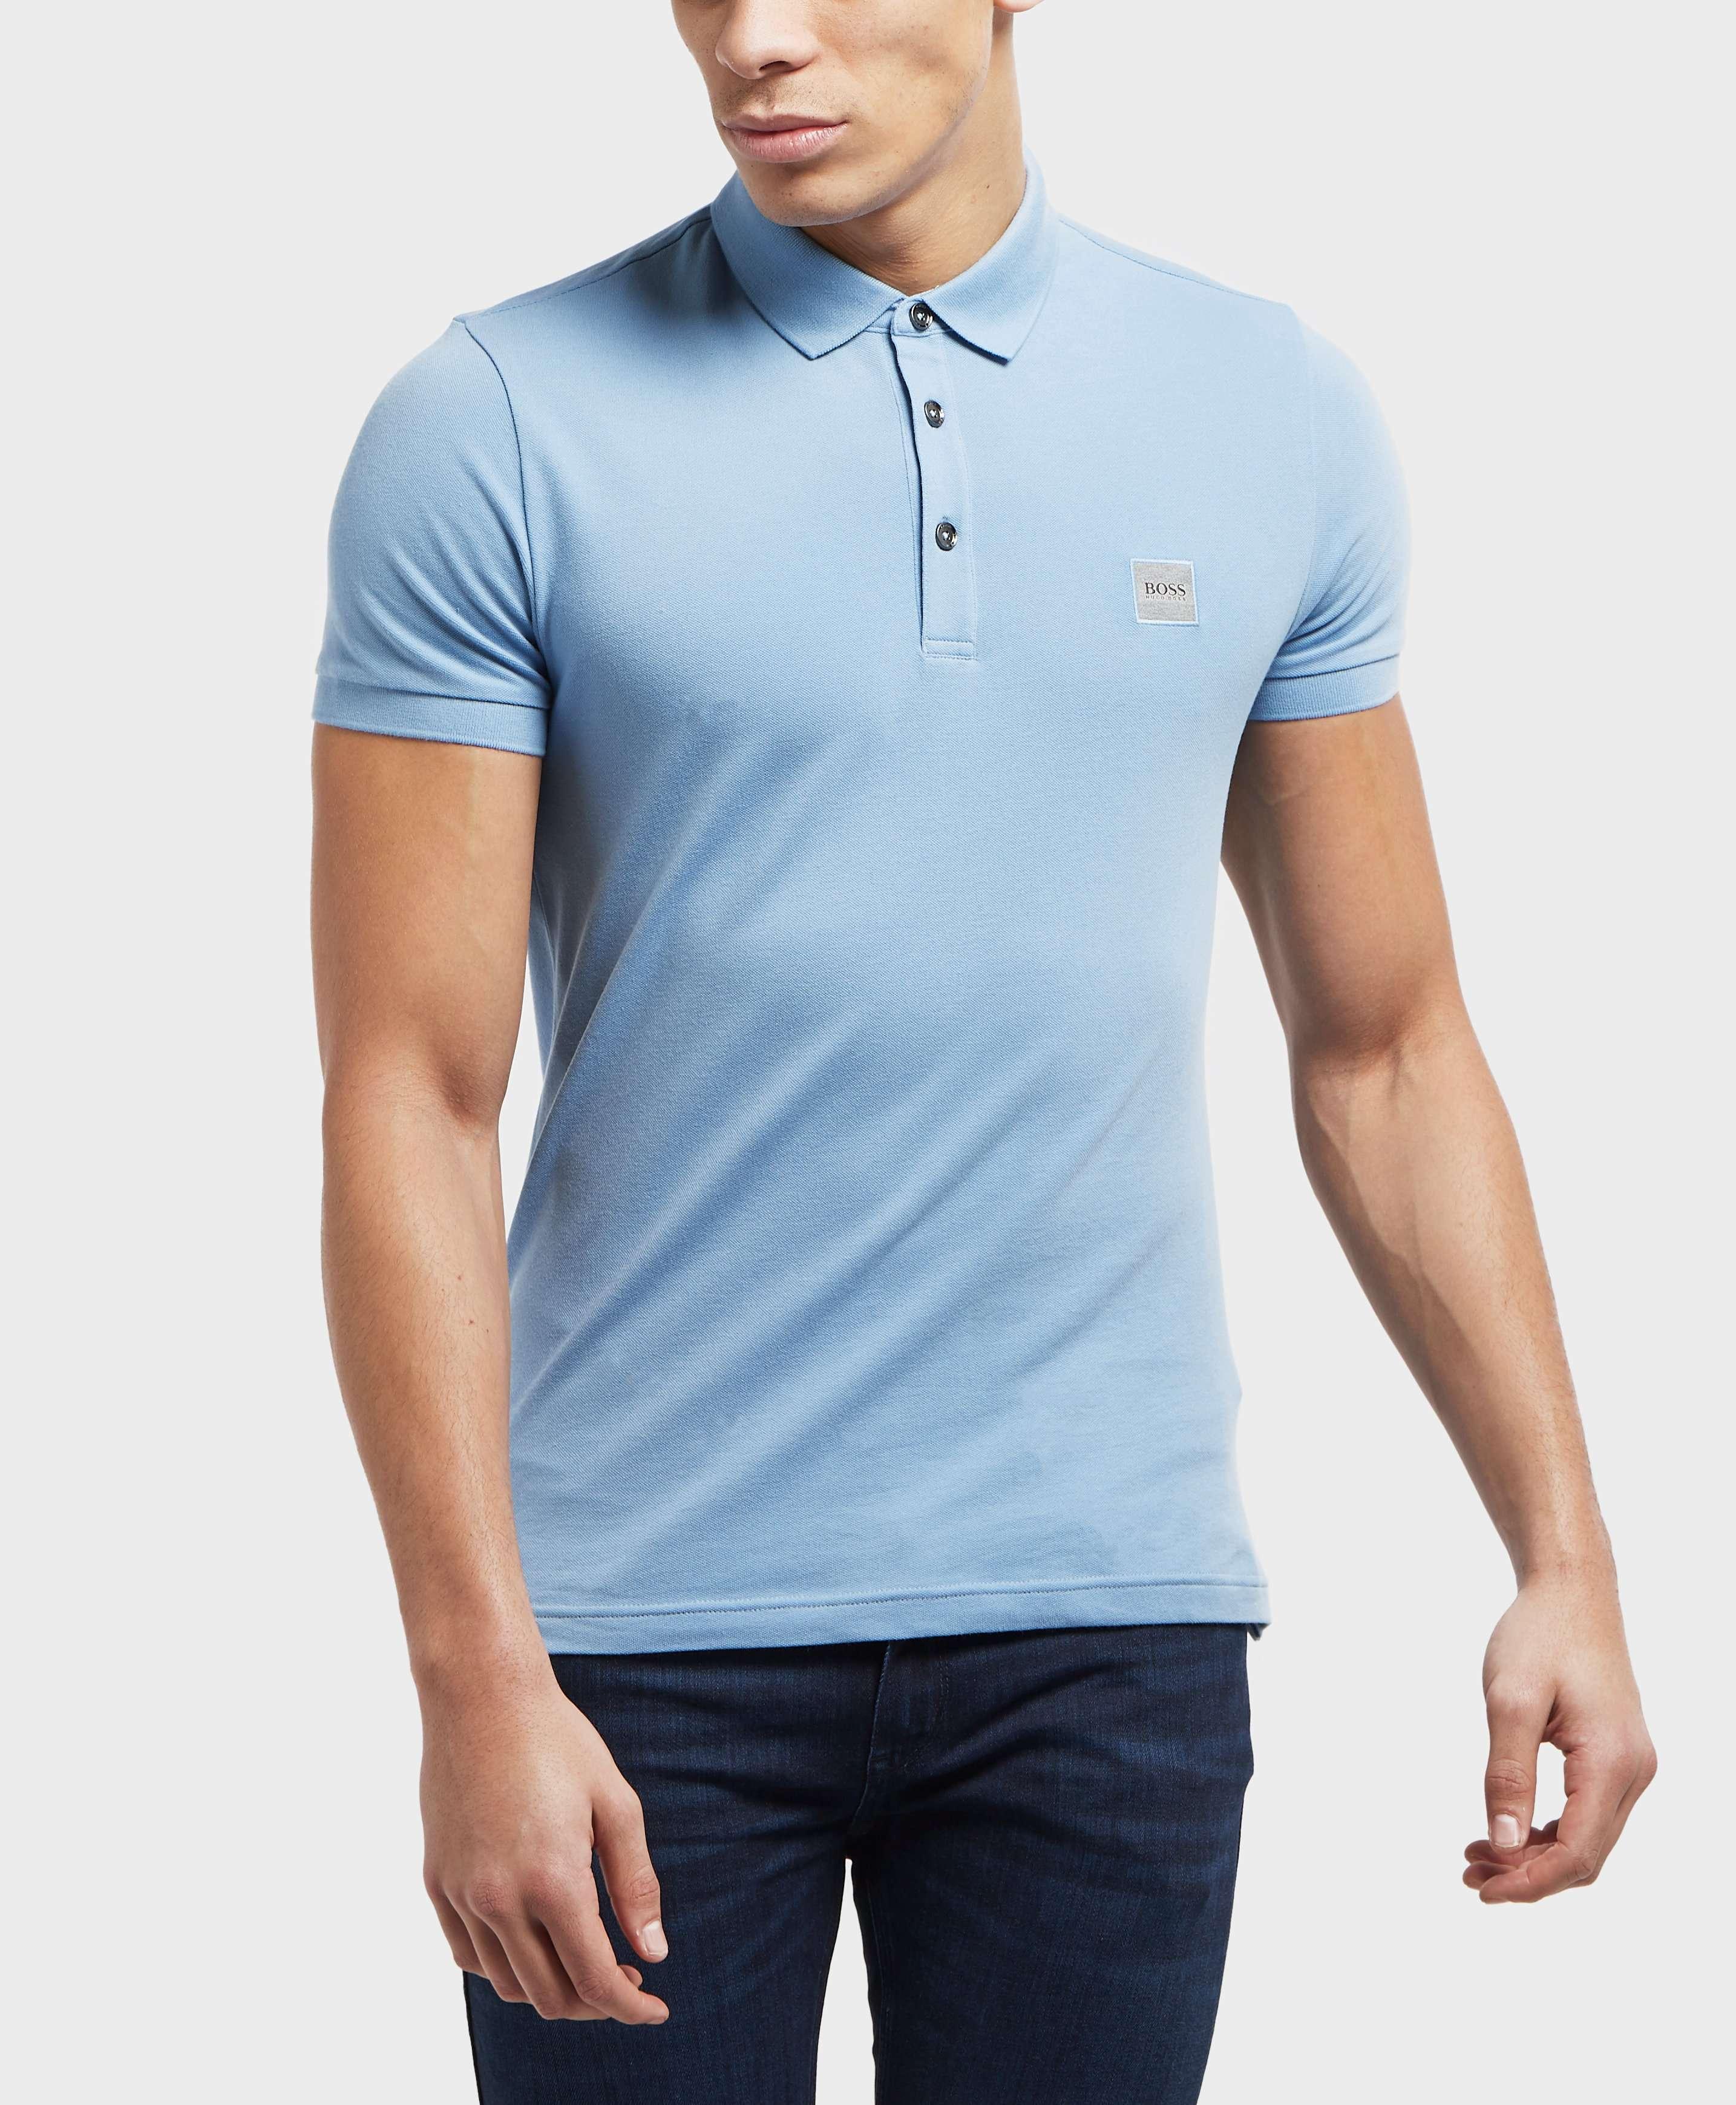 BOSS Passenger Short Sleeve T-Shirt